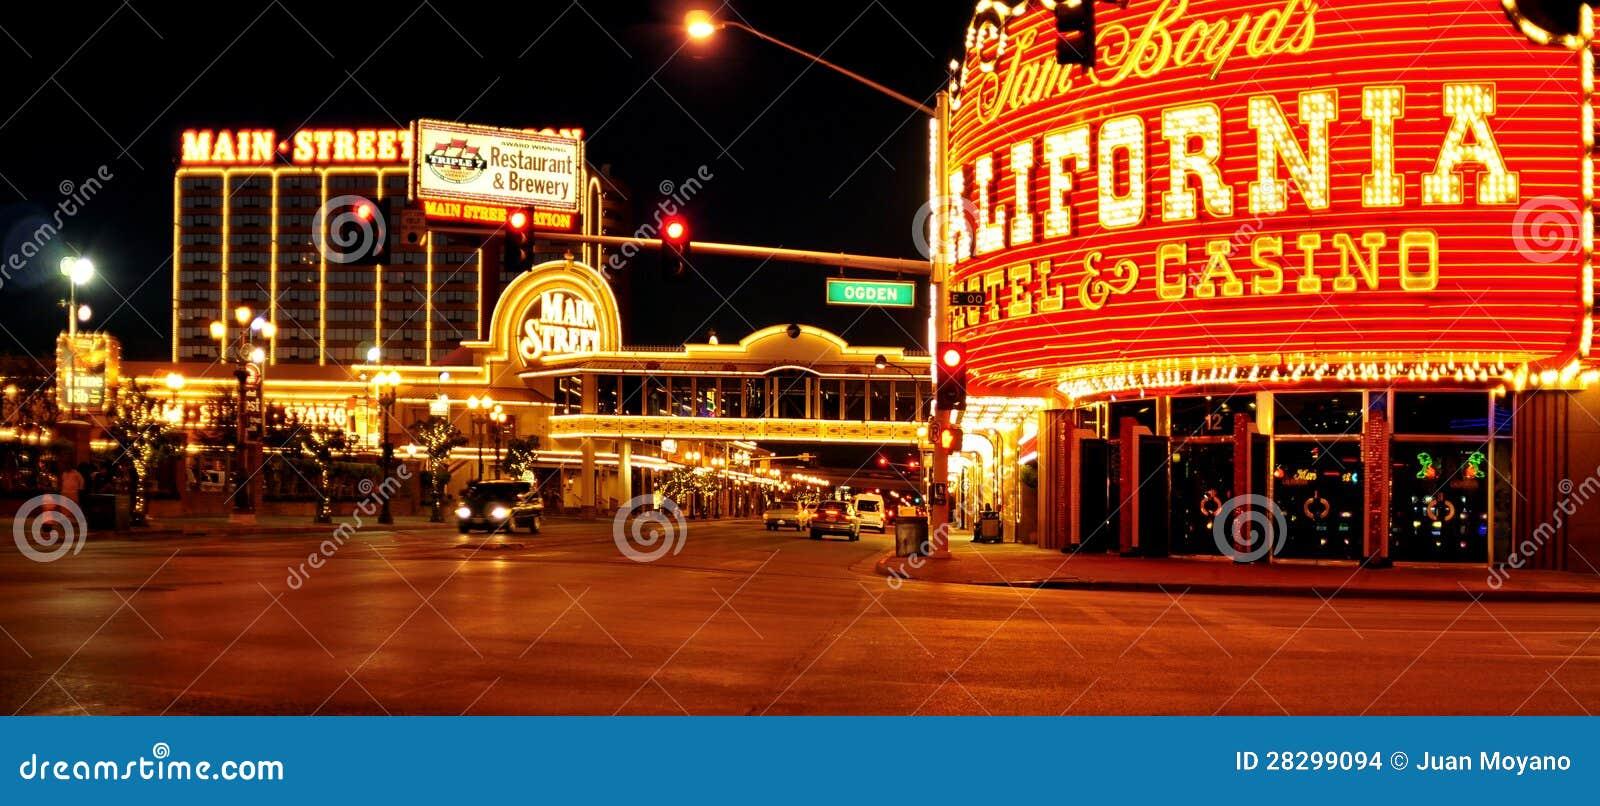 Ca hotel casino las vegas nv casino coast review south